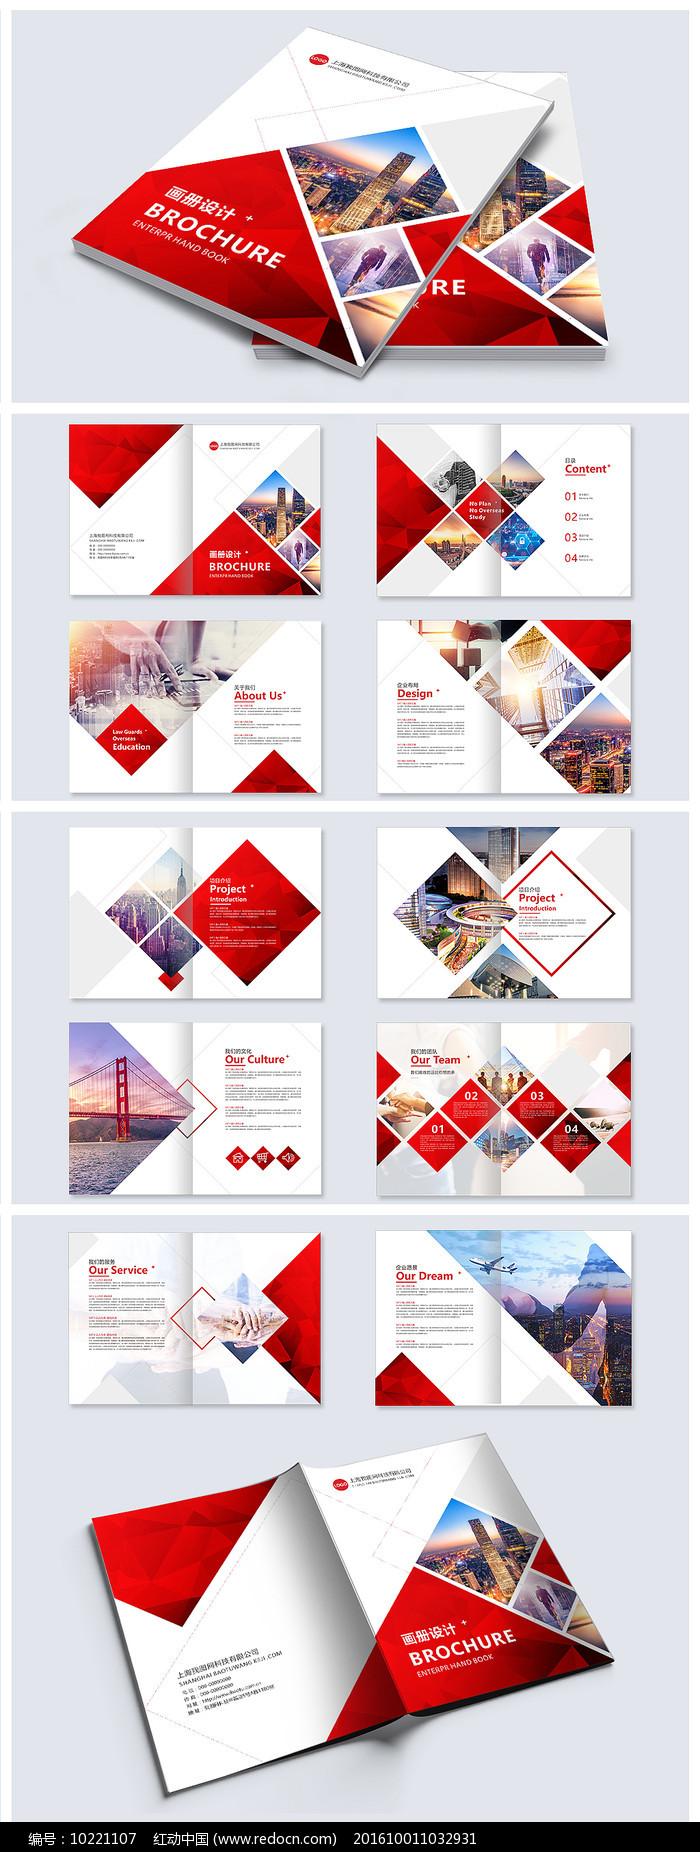 红色大气企业宣传画册设计图片